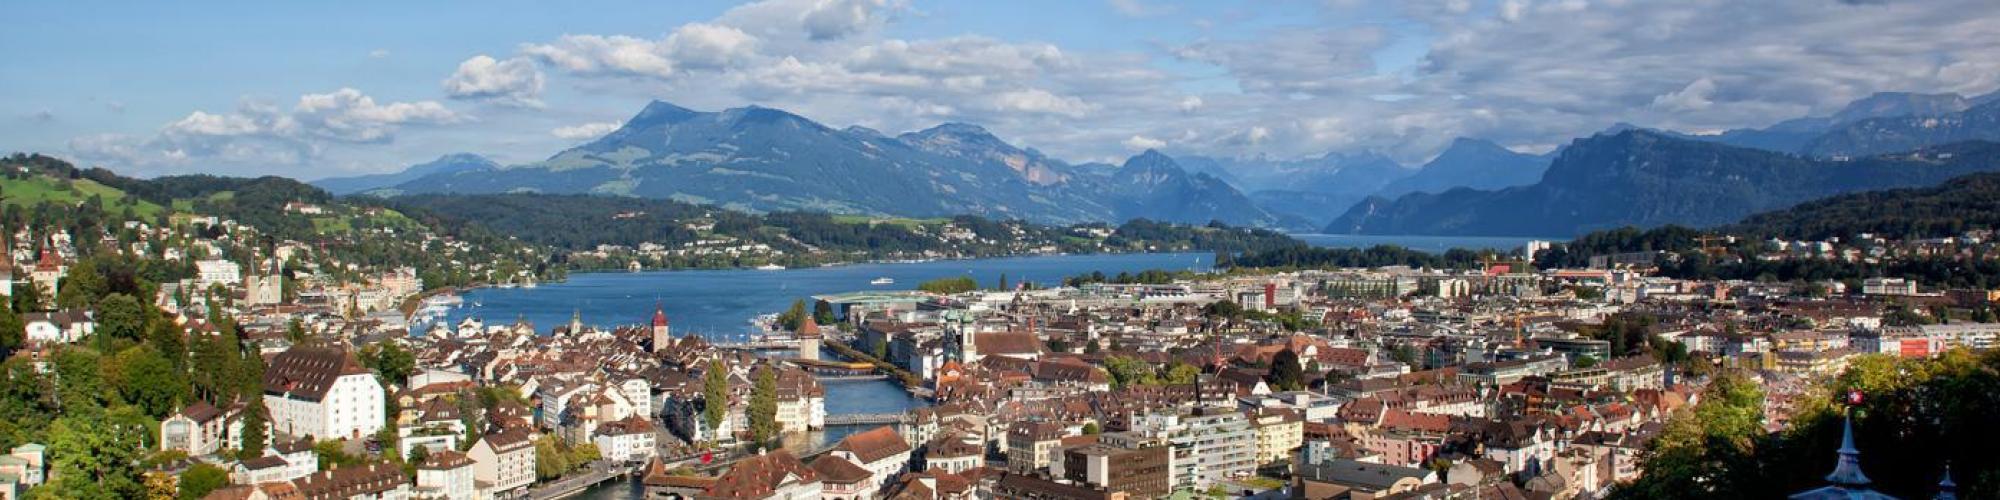 Kanton Luzern